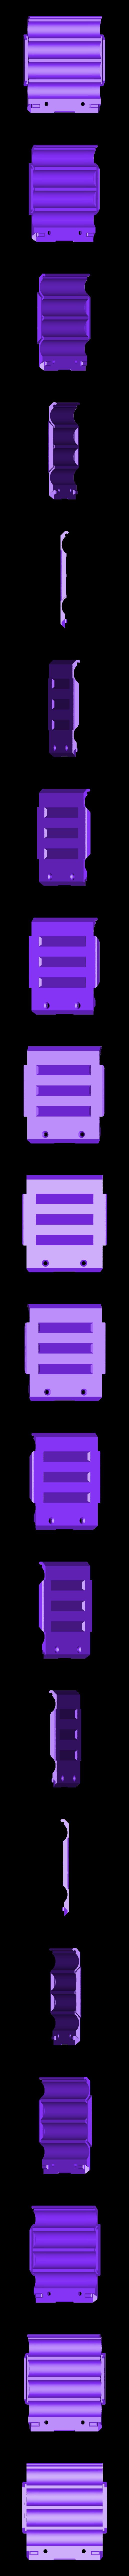 18650_4P_lid_V2.stl Télécharger fichier STL gratuit NESE, le module V2 sans soudure 18650 (FERMÉ) • Objet pour imprimante 3D, 18650